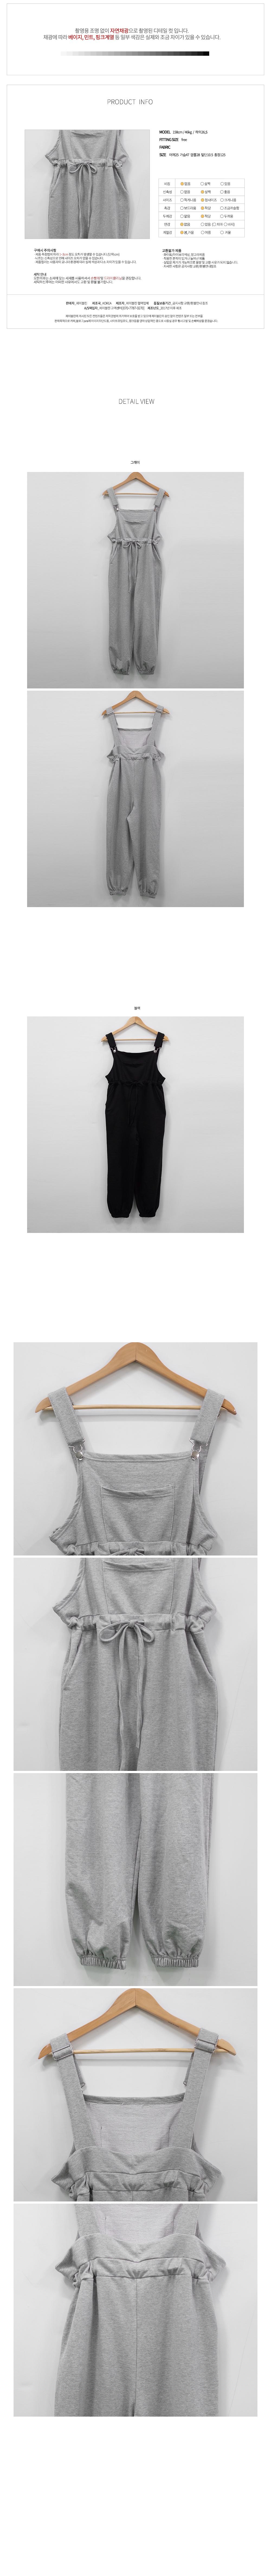 Joking suspenders pants jumpsuit